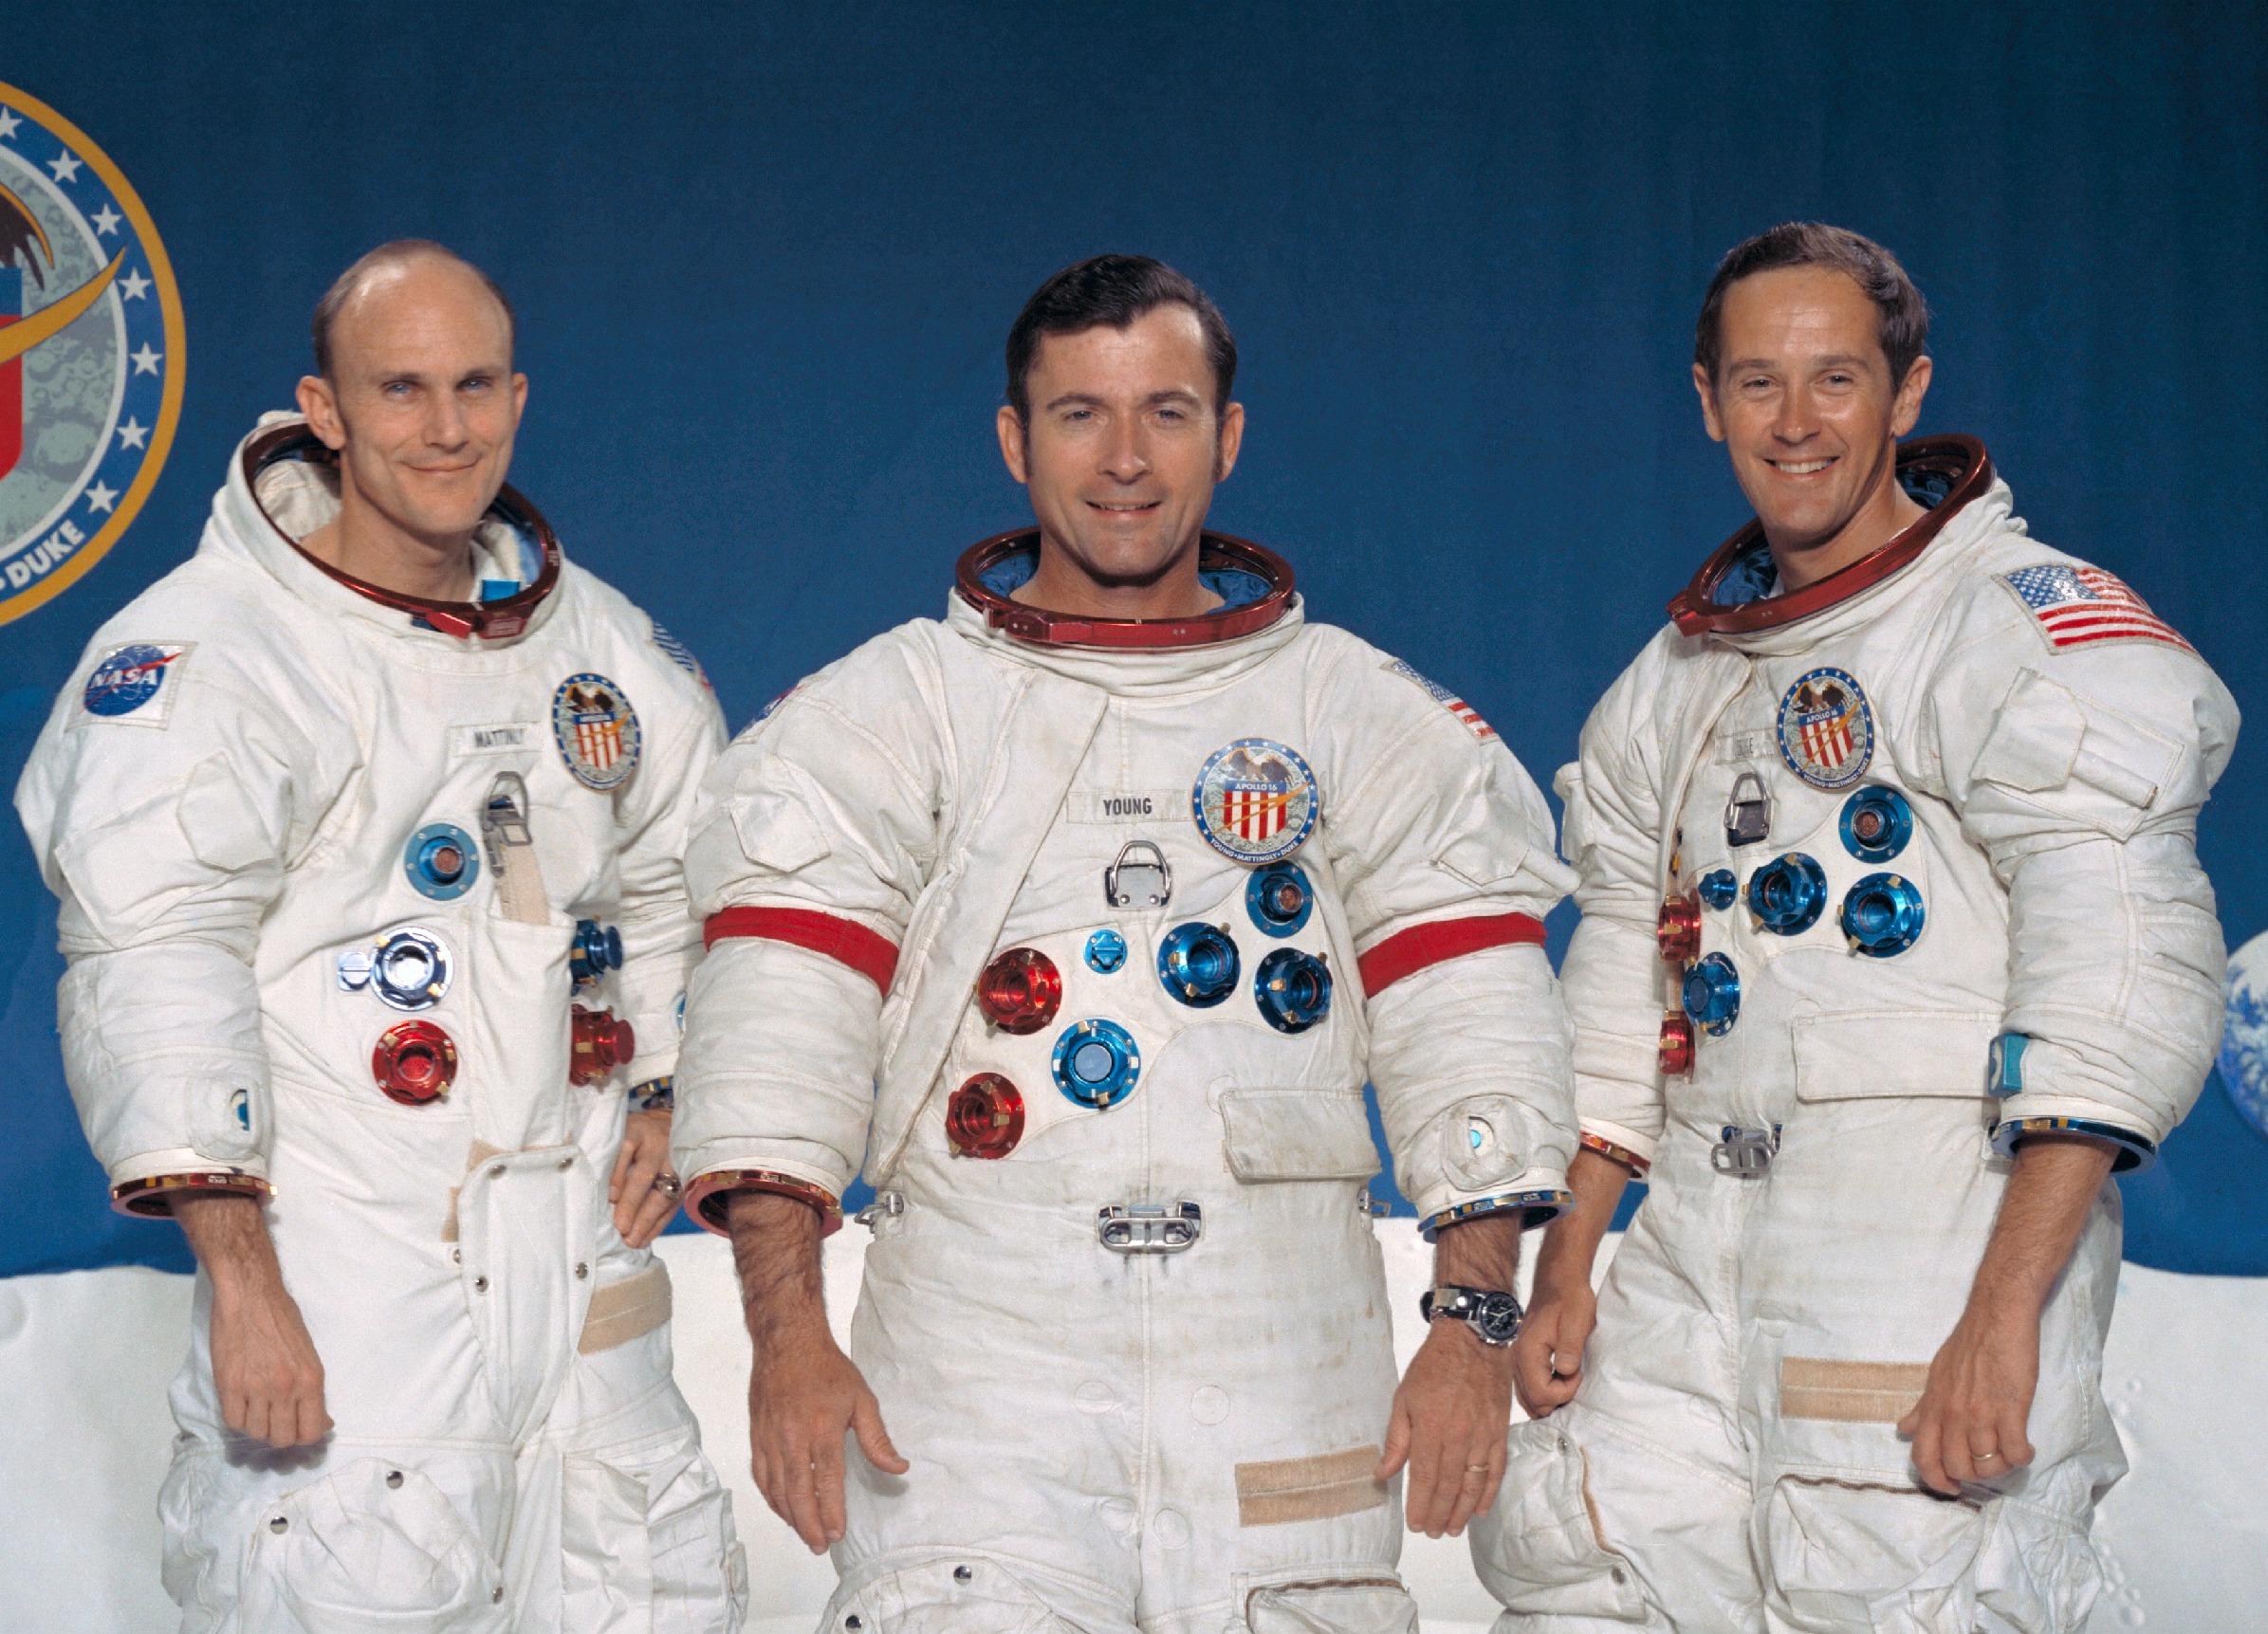 Tripulación de la Misión Apolo 16, de izq. a dcha: Mattingly, Young y Duke